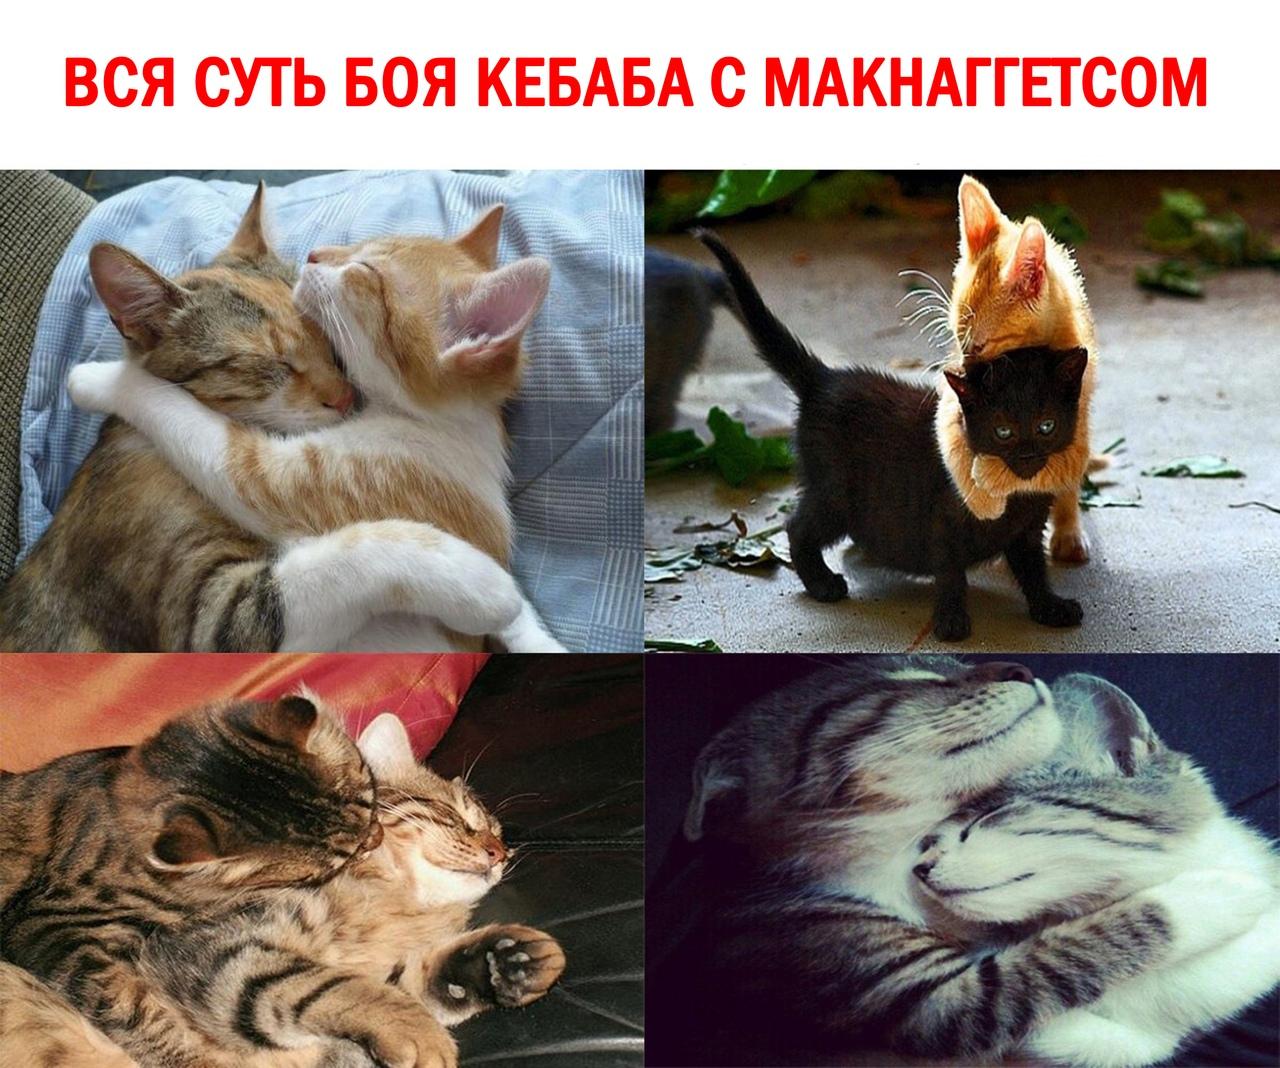 [Изображение: 0DfKPRyp_CA.jpg]